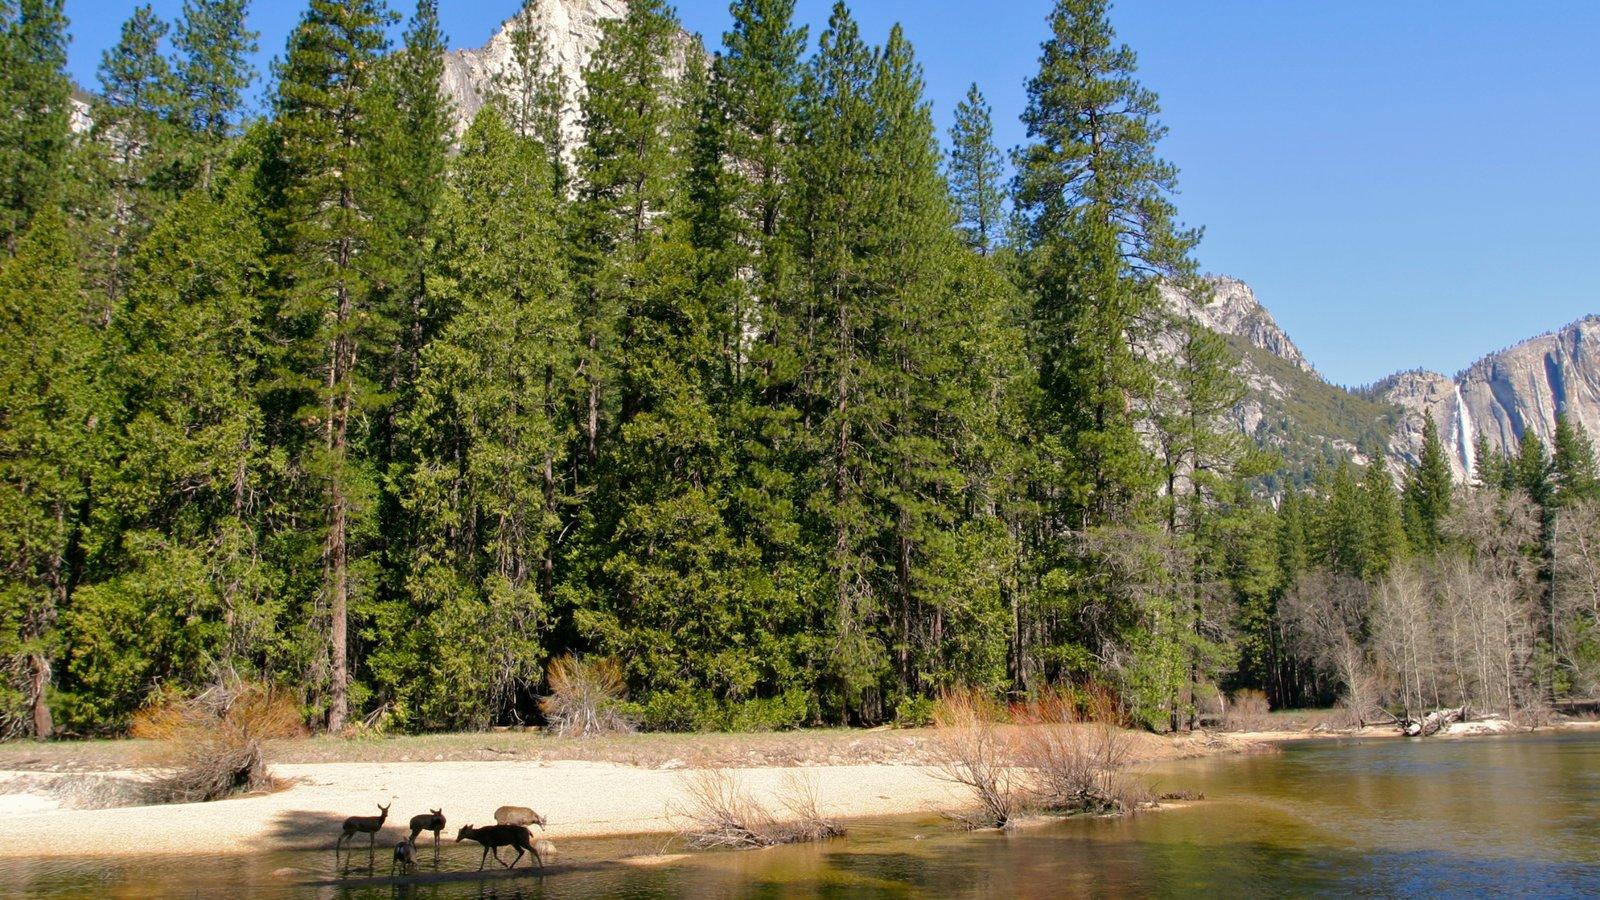 Yosemite Valley caracterizando florestas, animais terrestres e um rio ou córrego